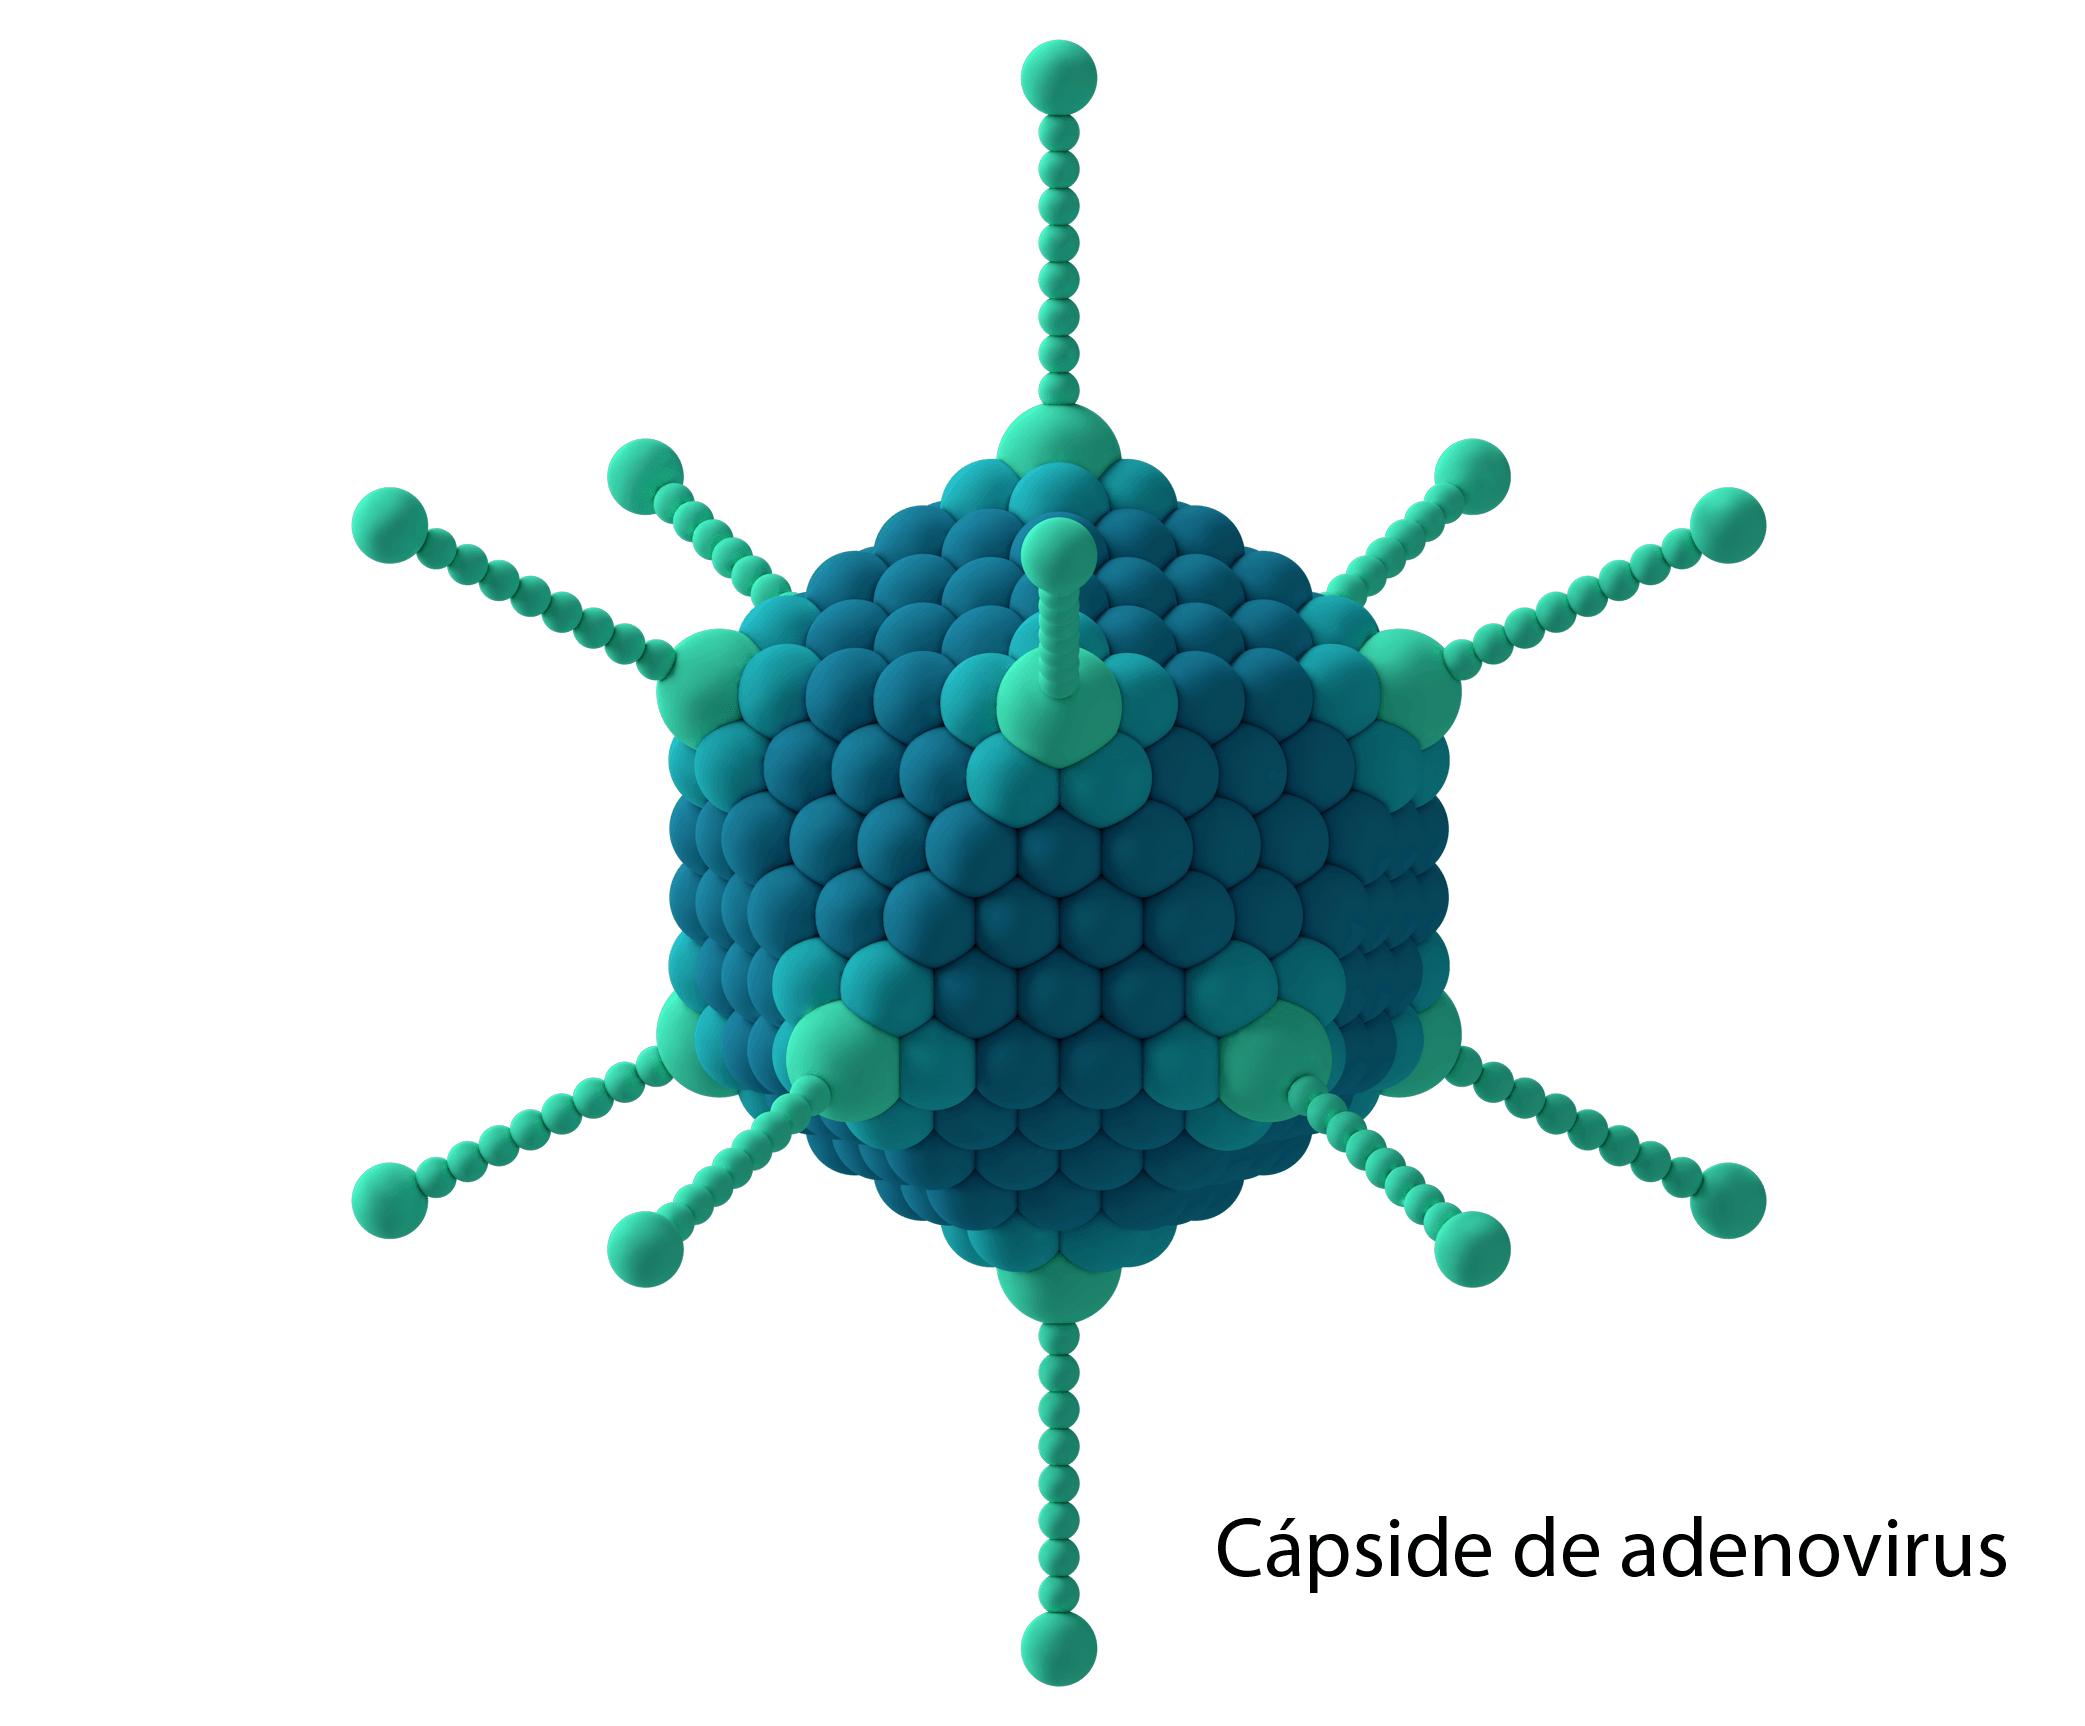 Cápside La Envoltura Proteica De Los Virus Curiosoando